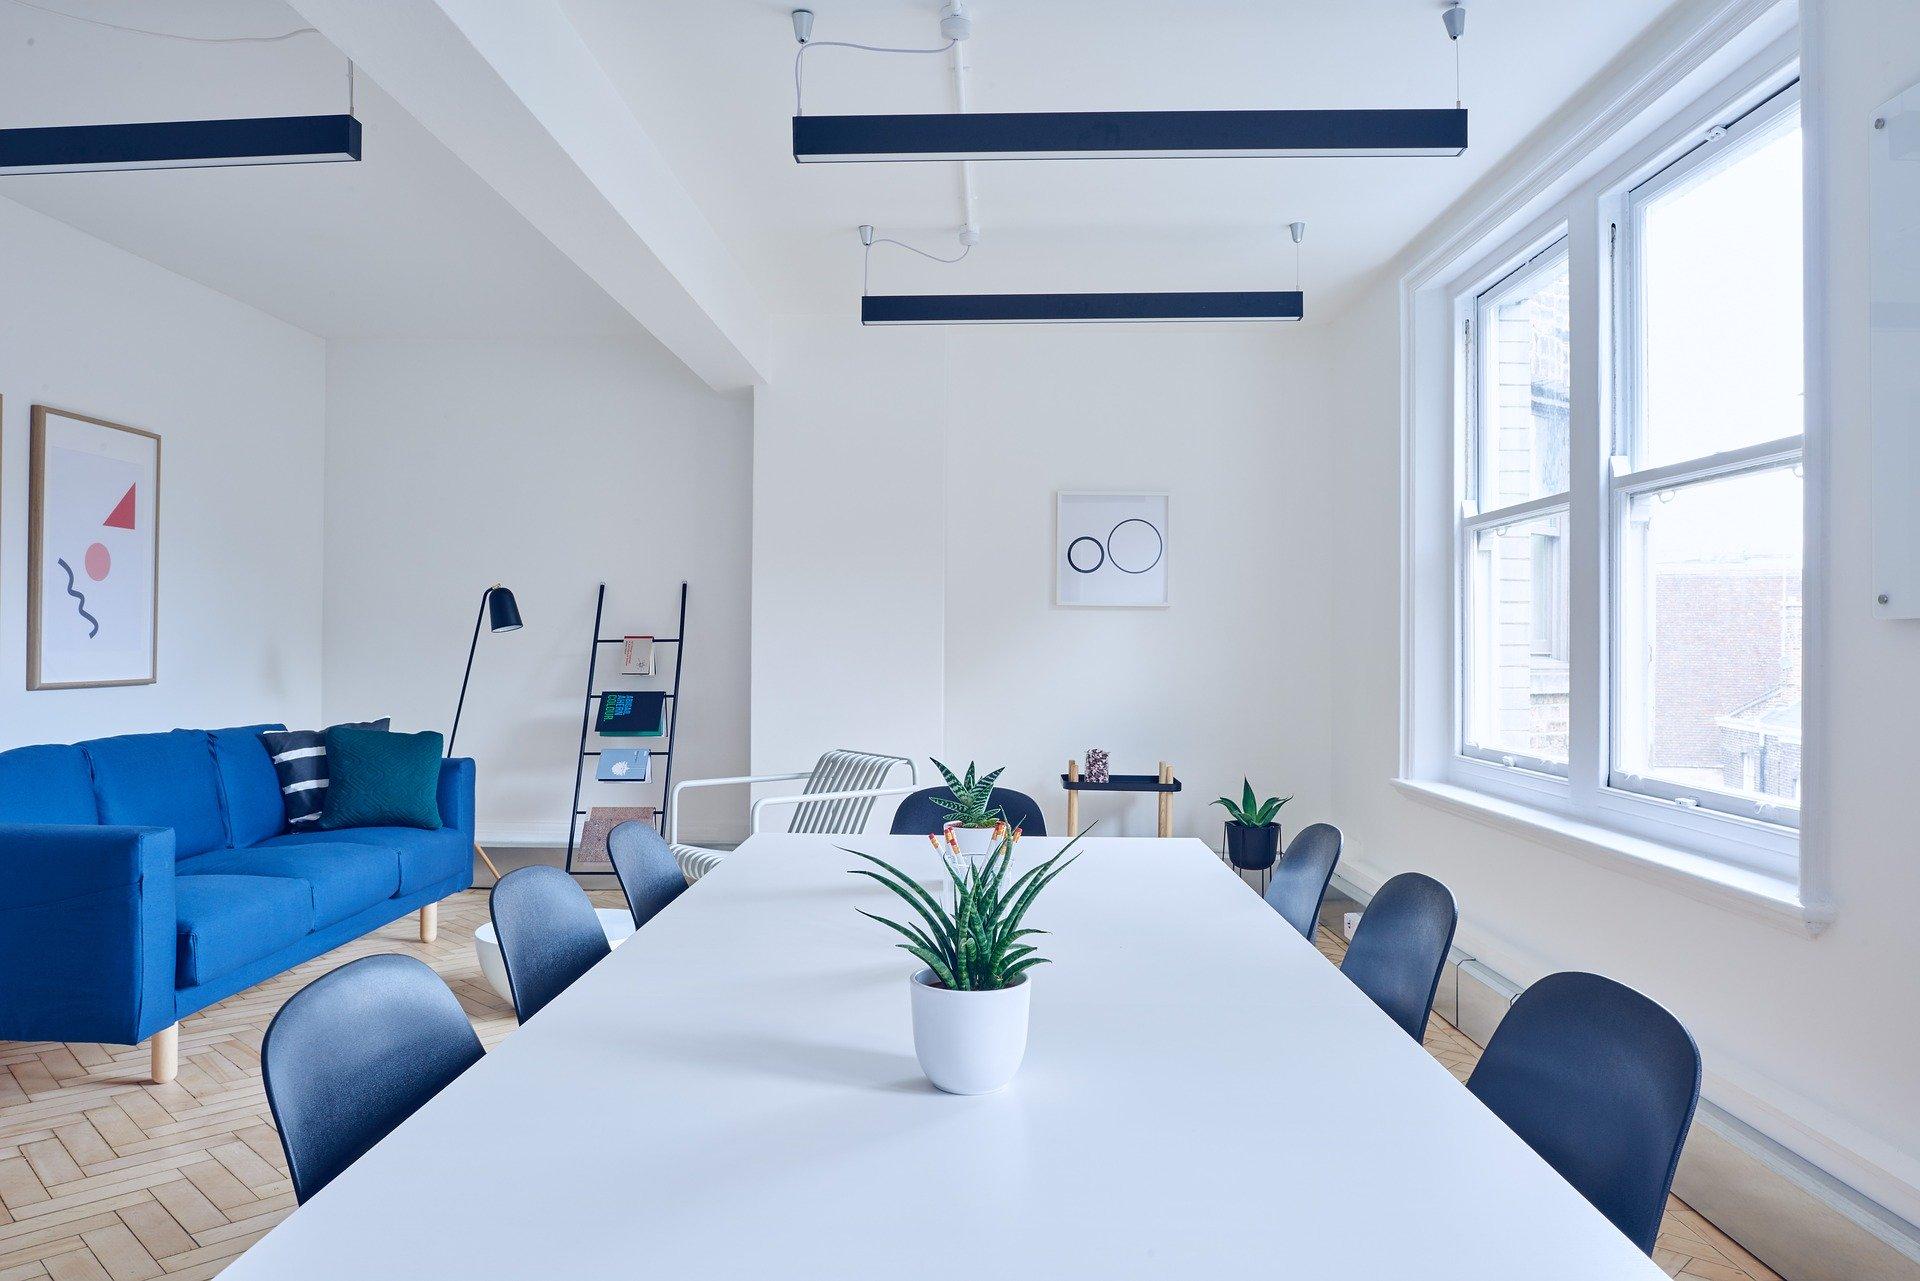 Büro mit Tisch und Stühlen